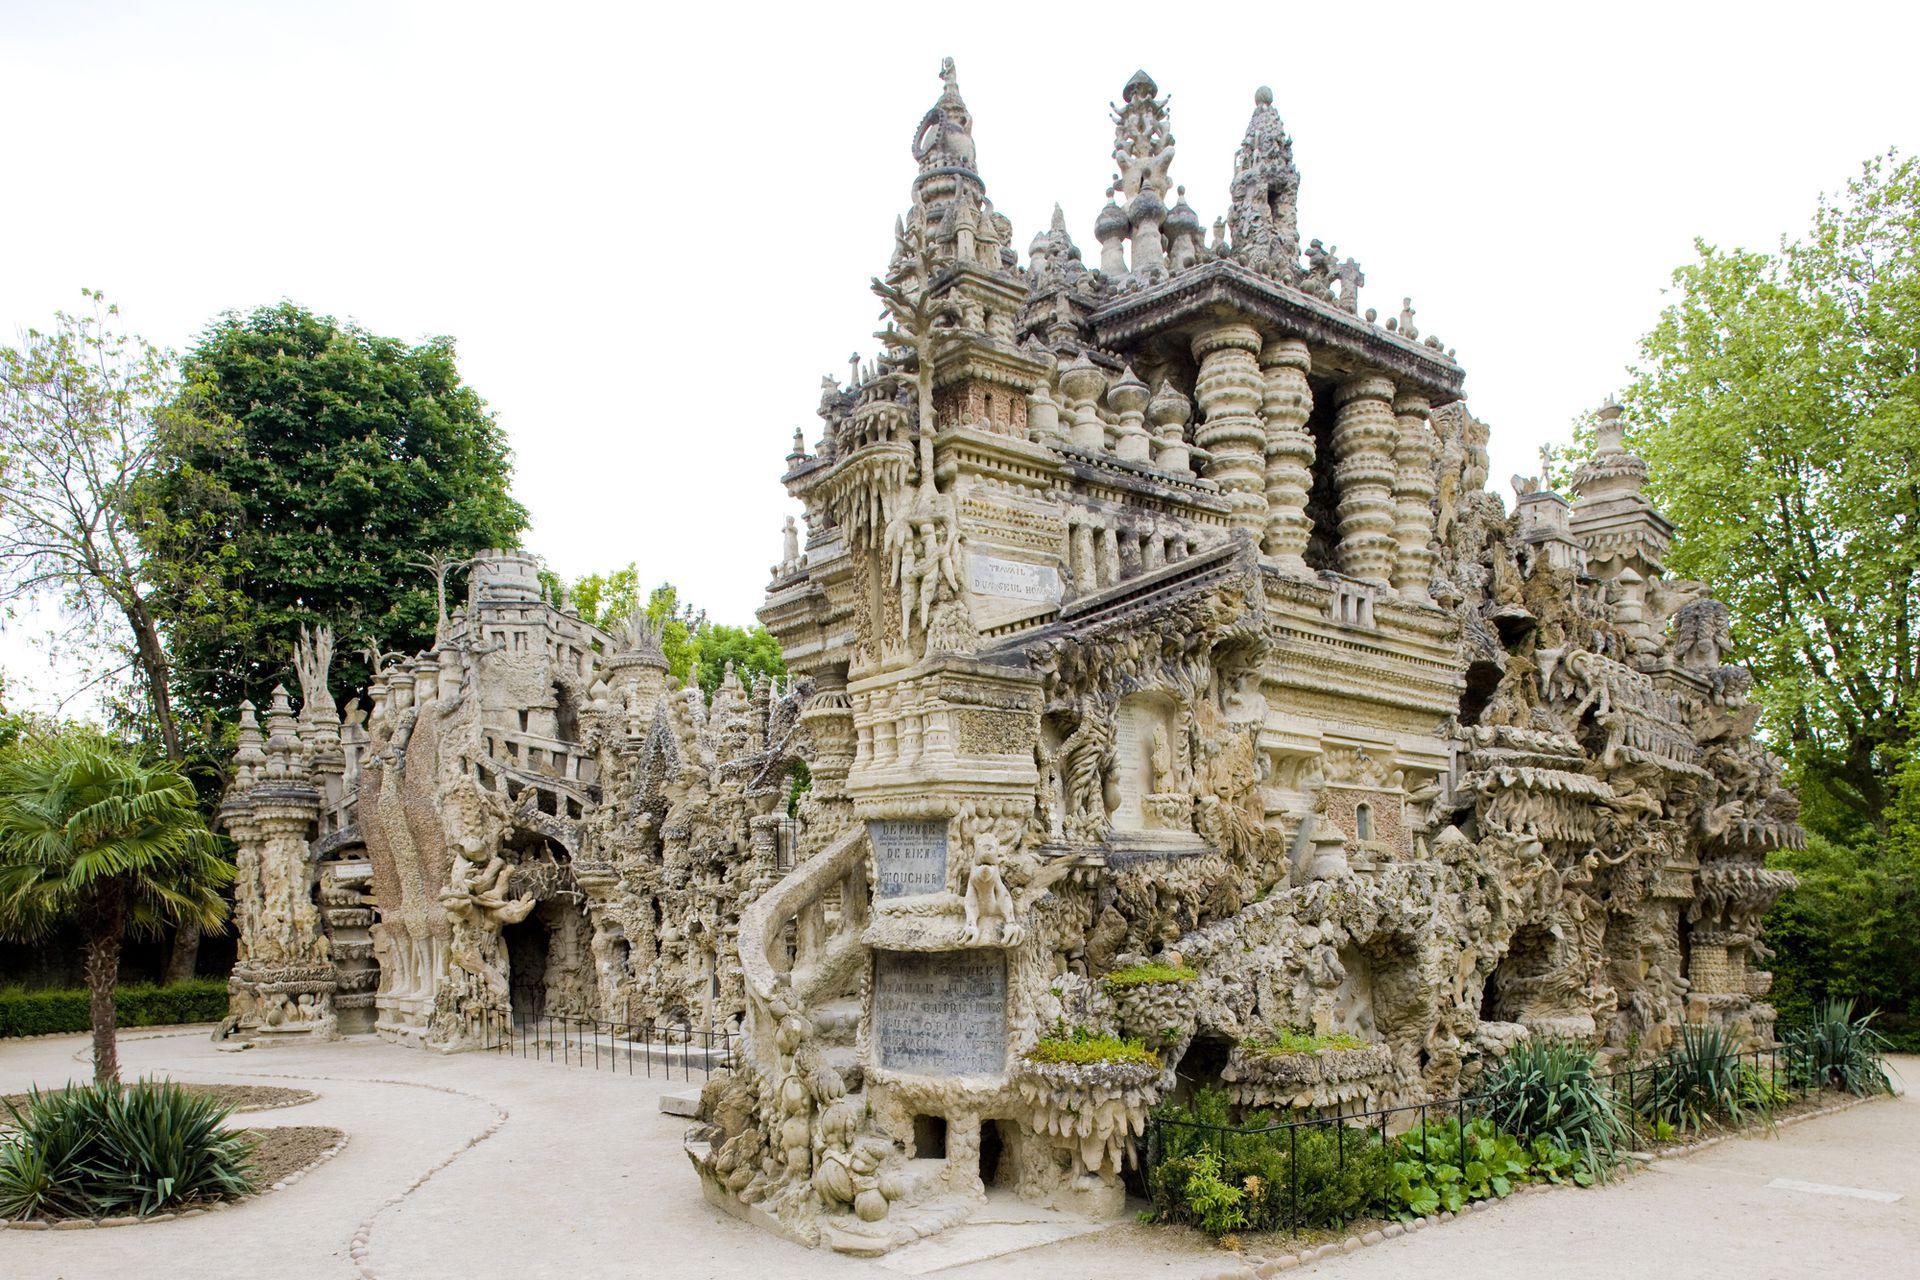 Ferdinand quería ser enterrado en el palacio el día que muriera, pero eso estaba prohibido en Francia, por entonces ya era un anciano y tenía 78 años